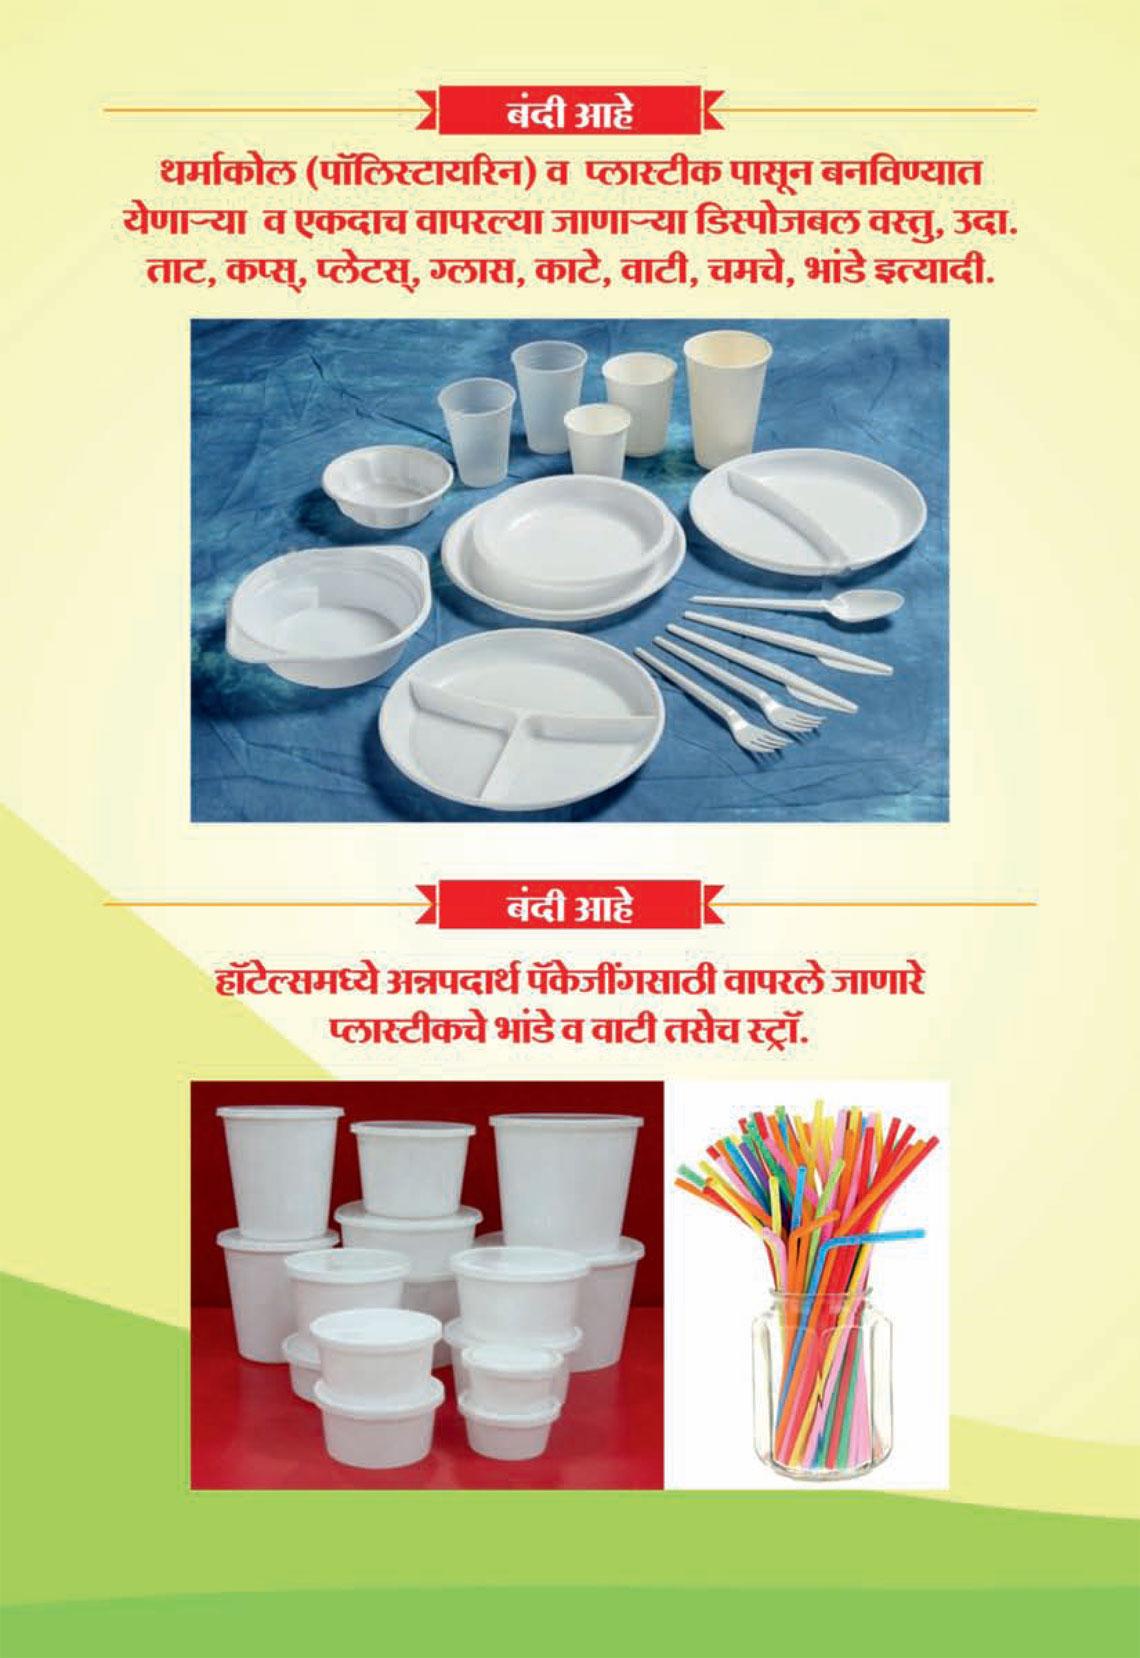 plastic-ban--brochure-4